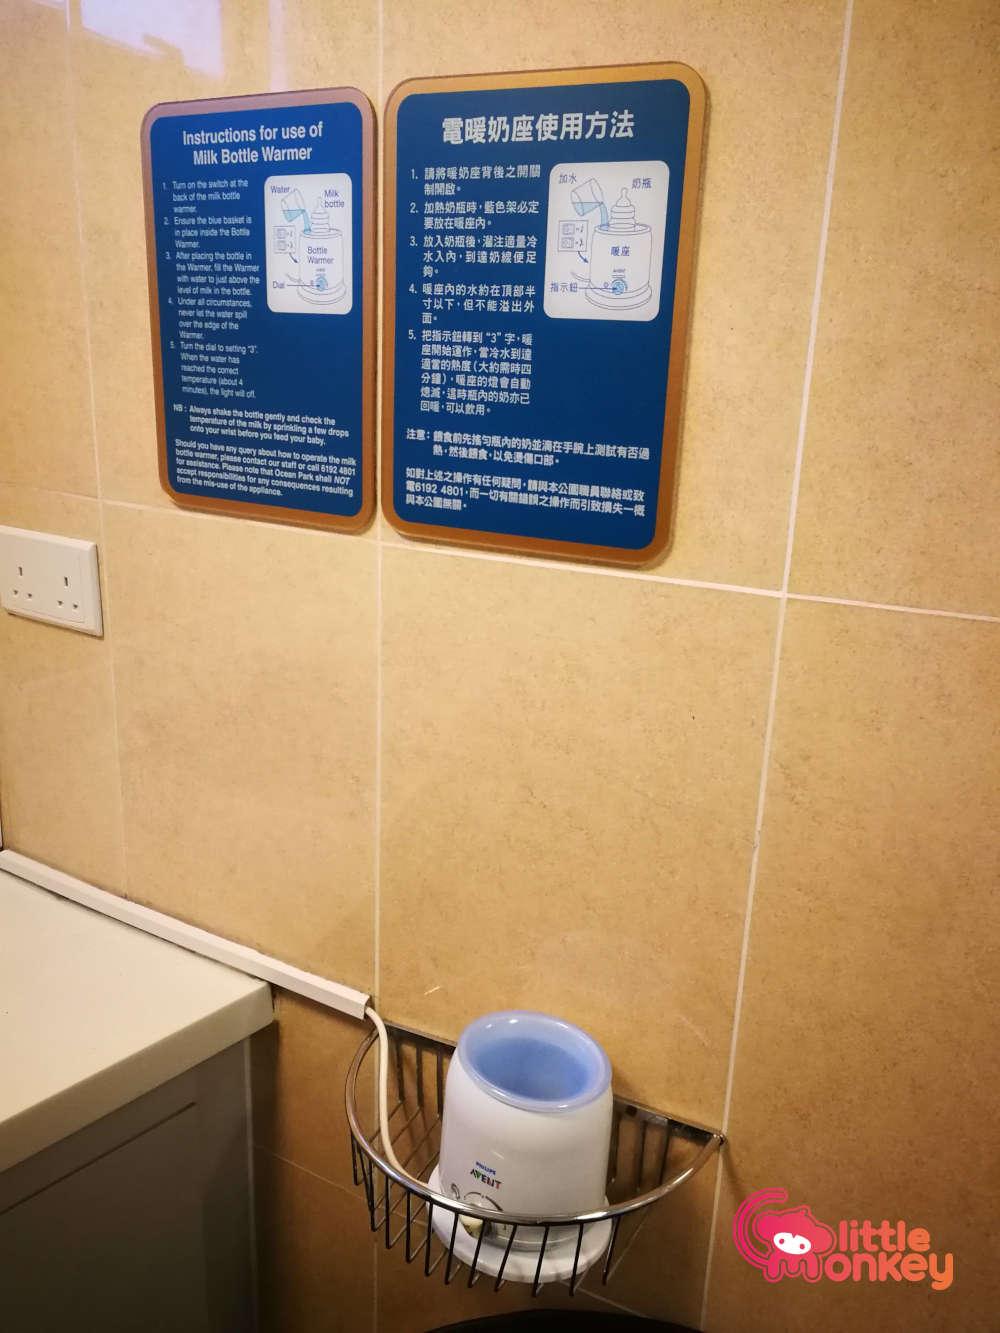 Ocean Park's Baby Care Room Bottle Warmer